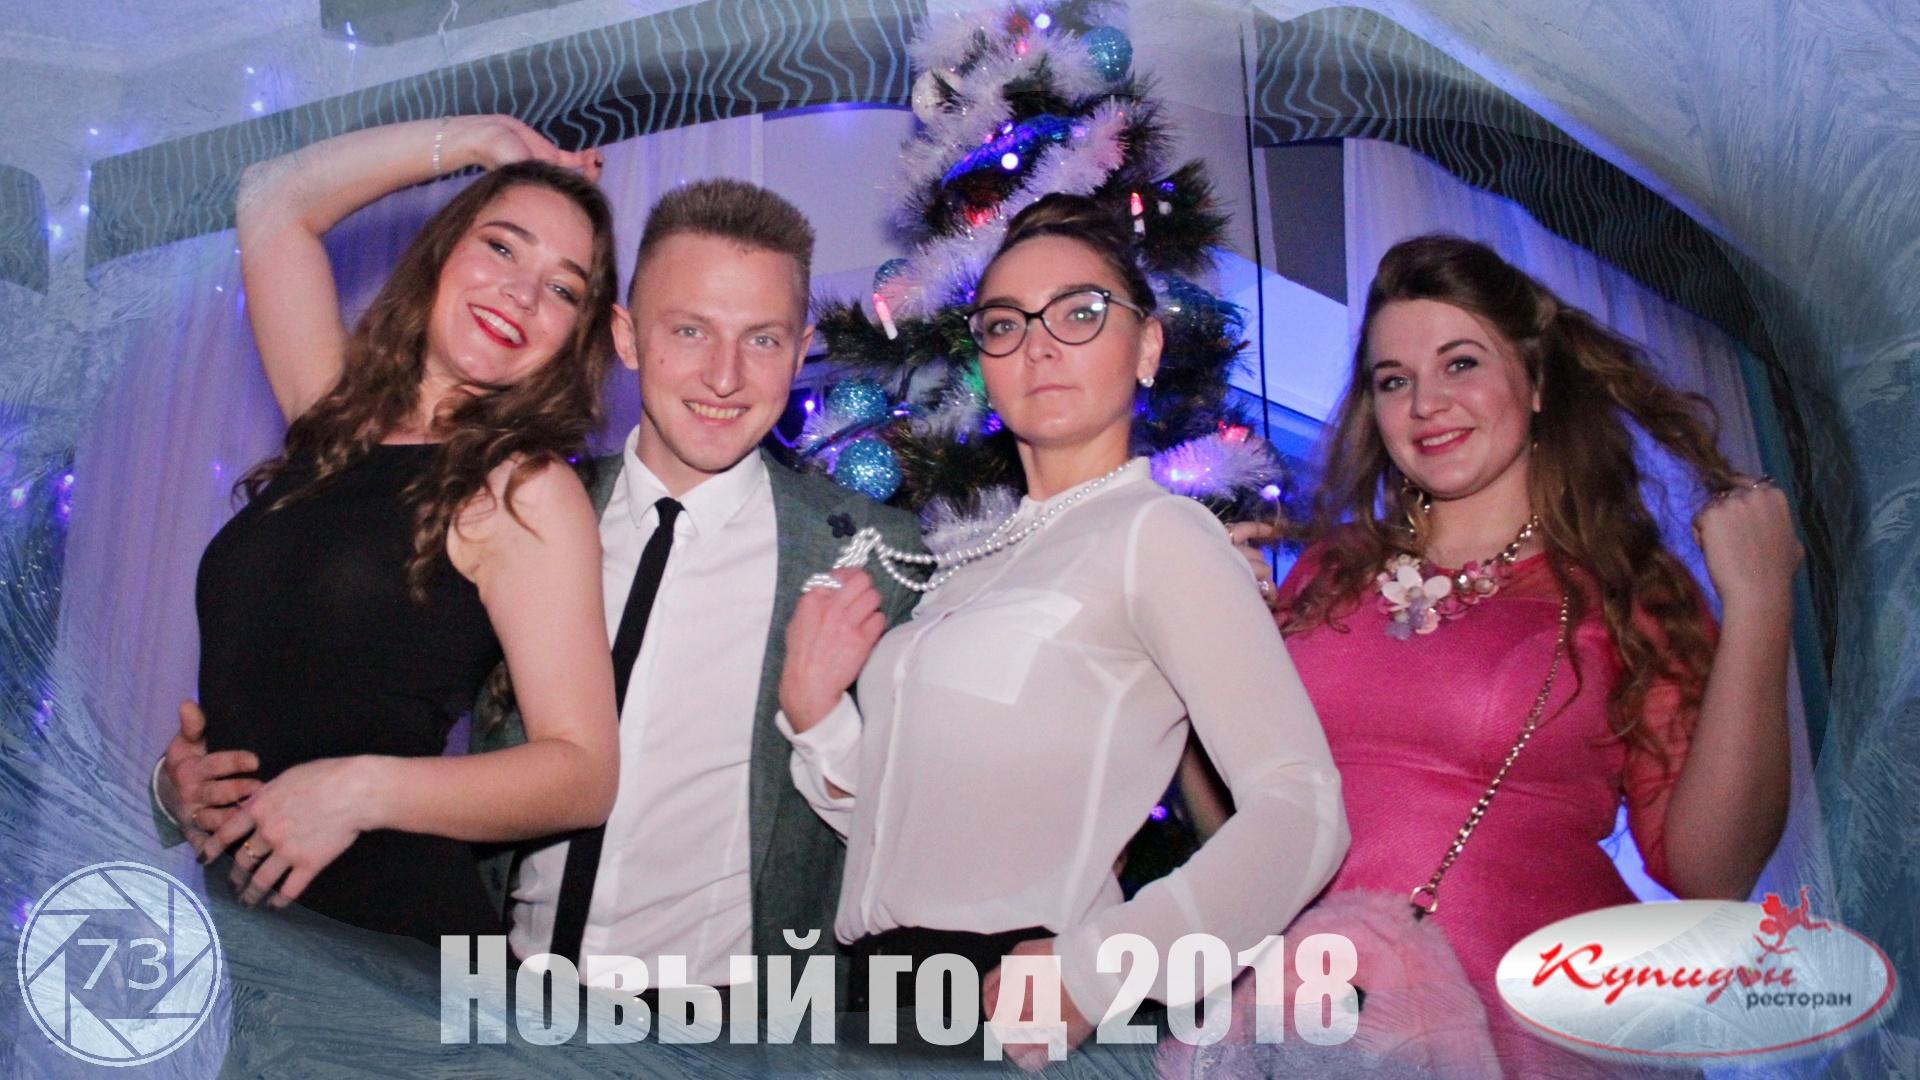 Видео с Новогодней вечеринки в Купидоне